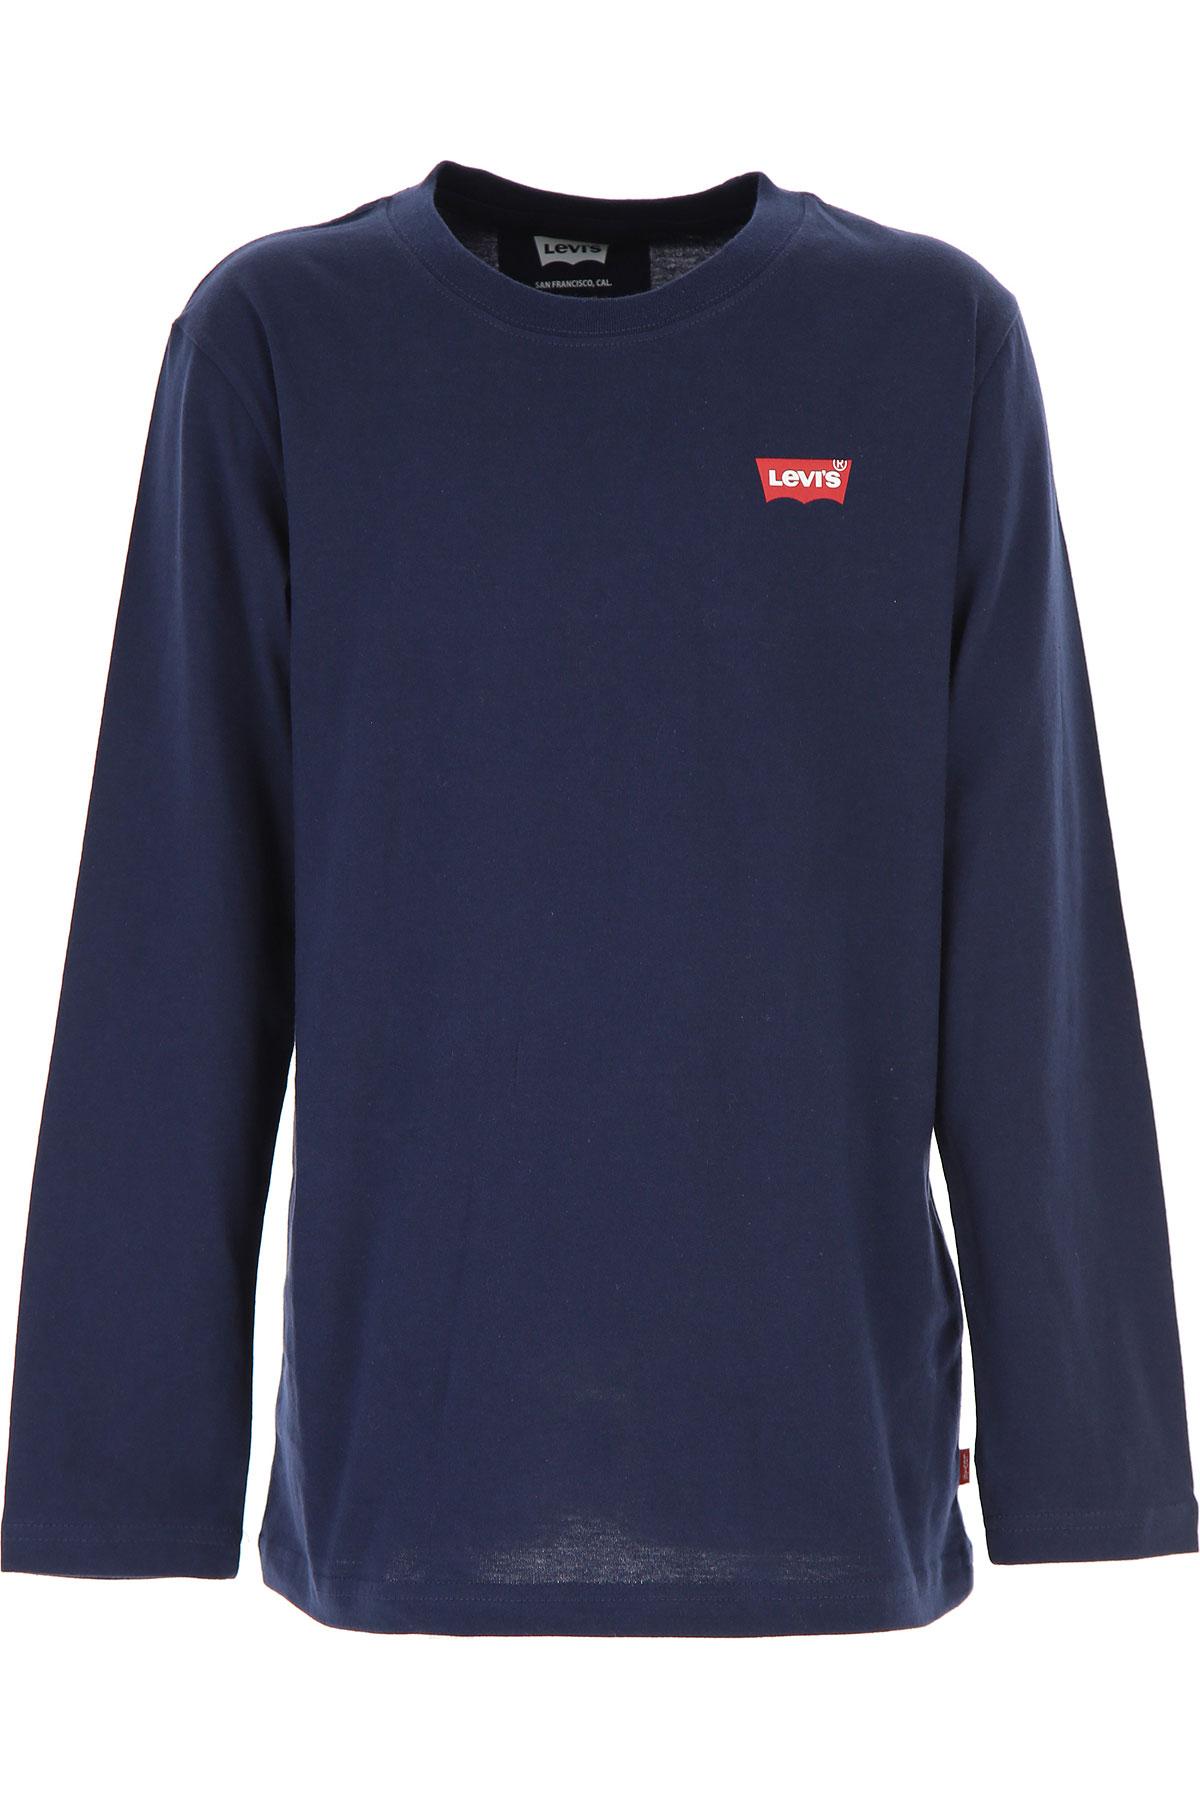 Levis Kids T-Shirt for Boys On Sale, Blue, Cotton, 2019, 10Y 12Y 14Y 16Y 2Y 3Y 4Y 6Y S